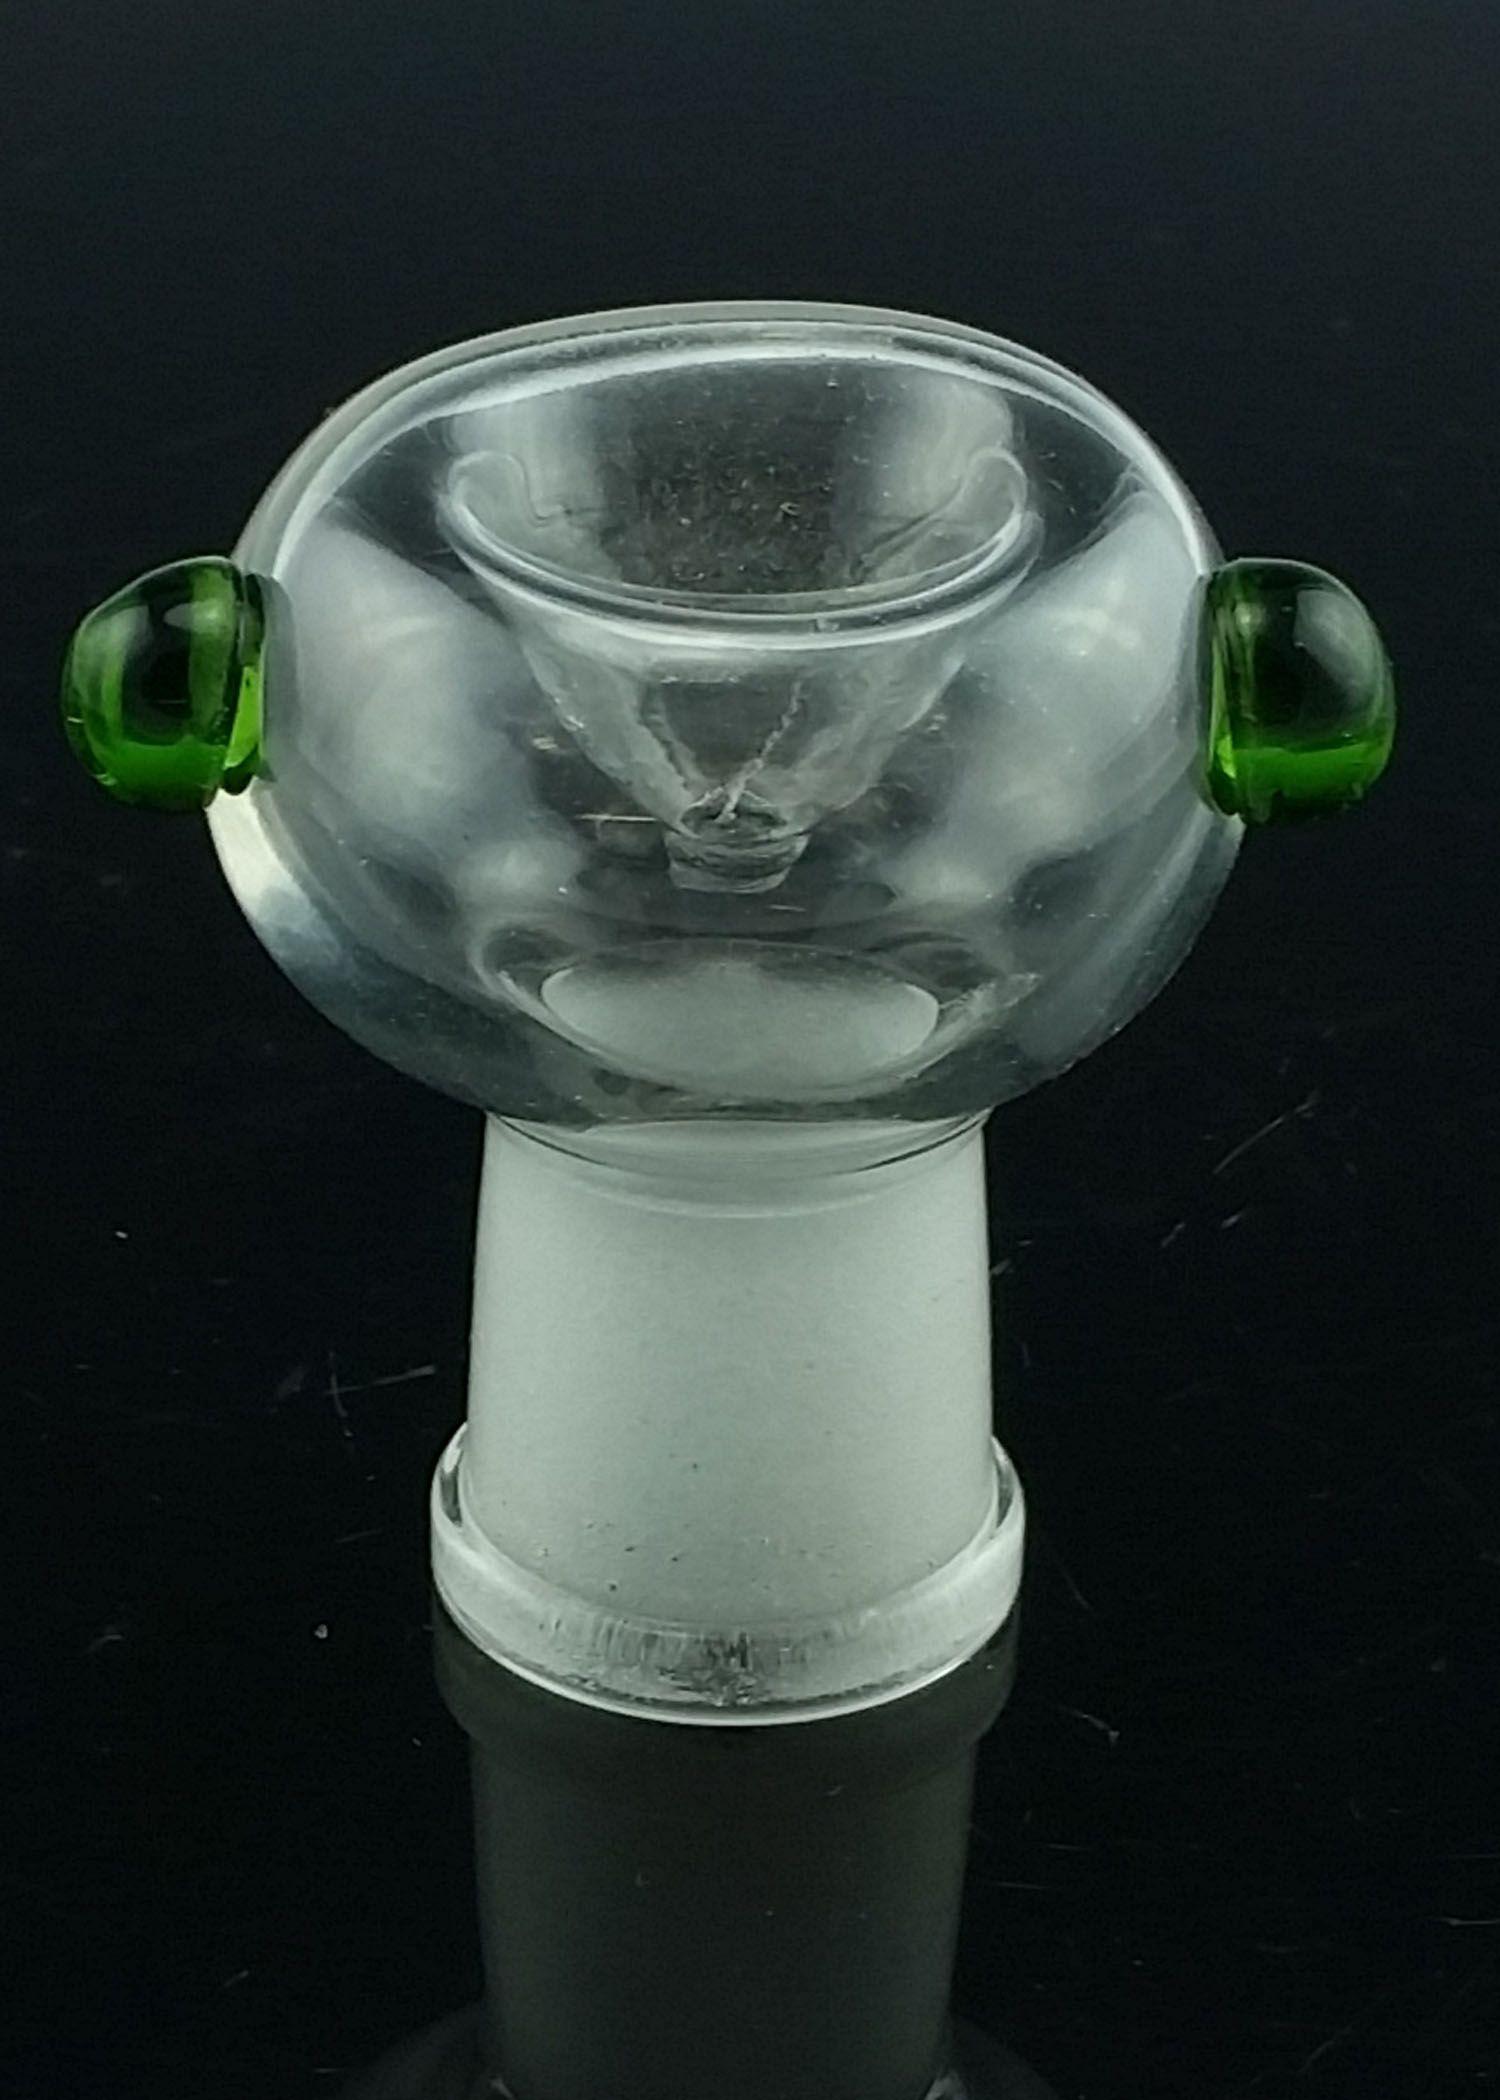 Hasil gambar untuk How to Smoke Concentrates in a Regular Glass Bong